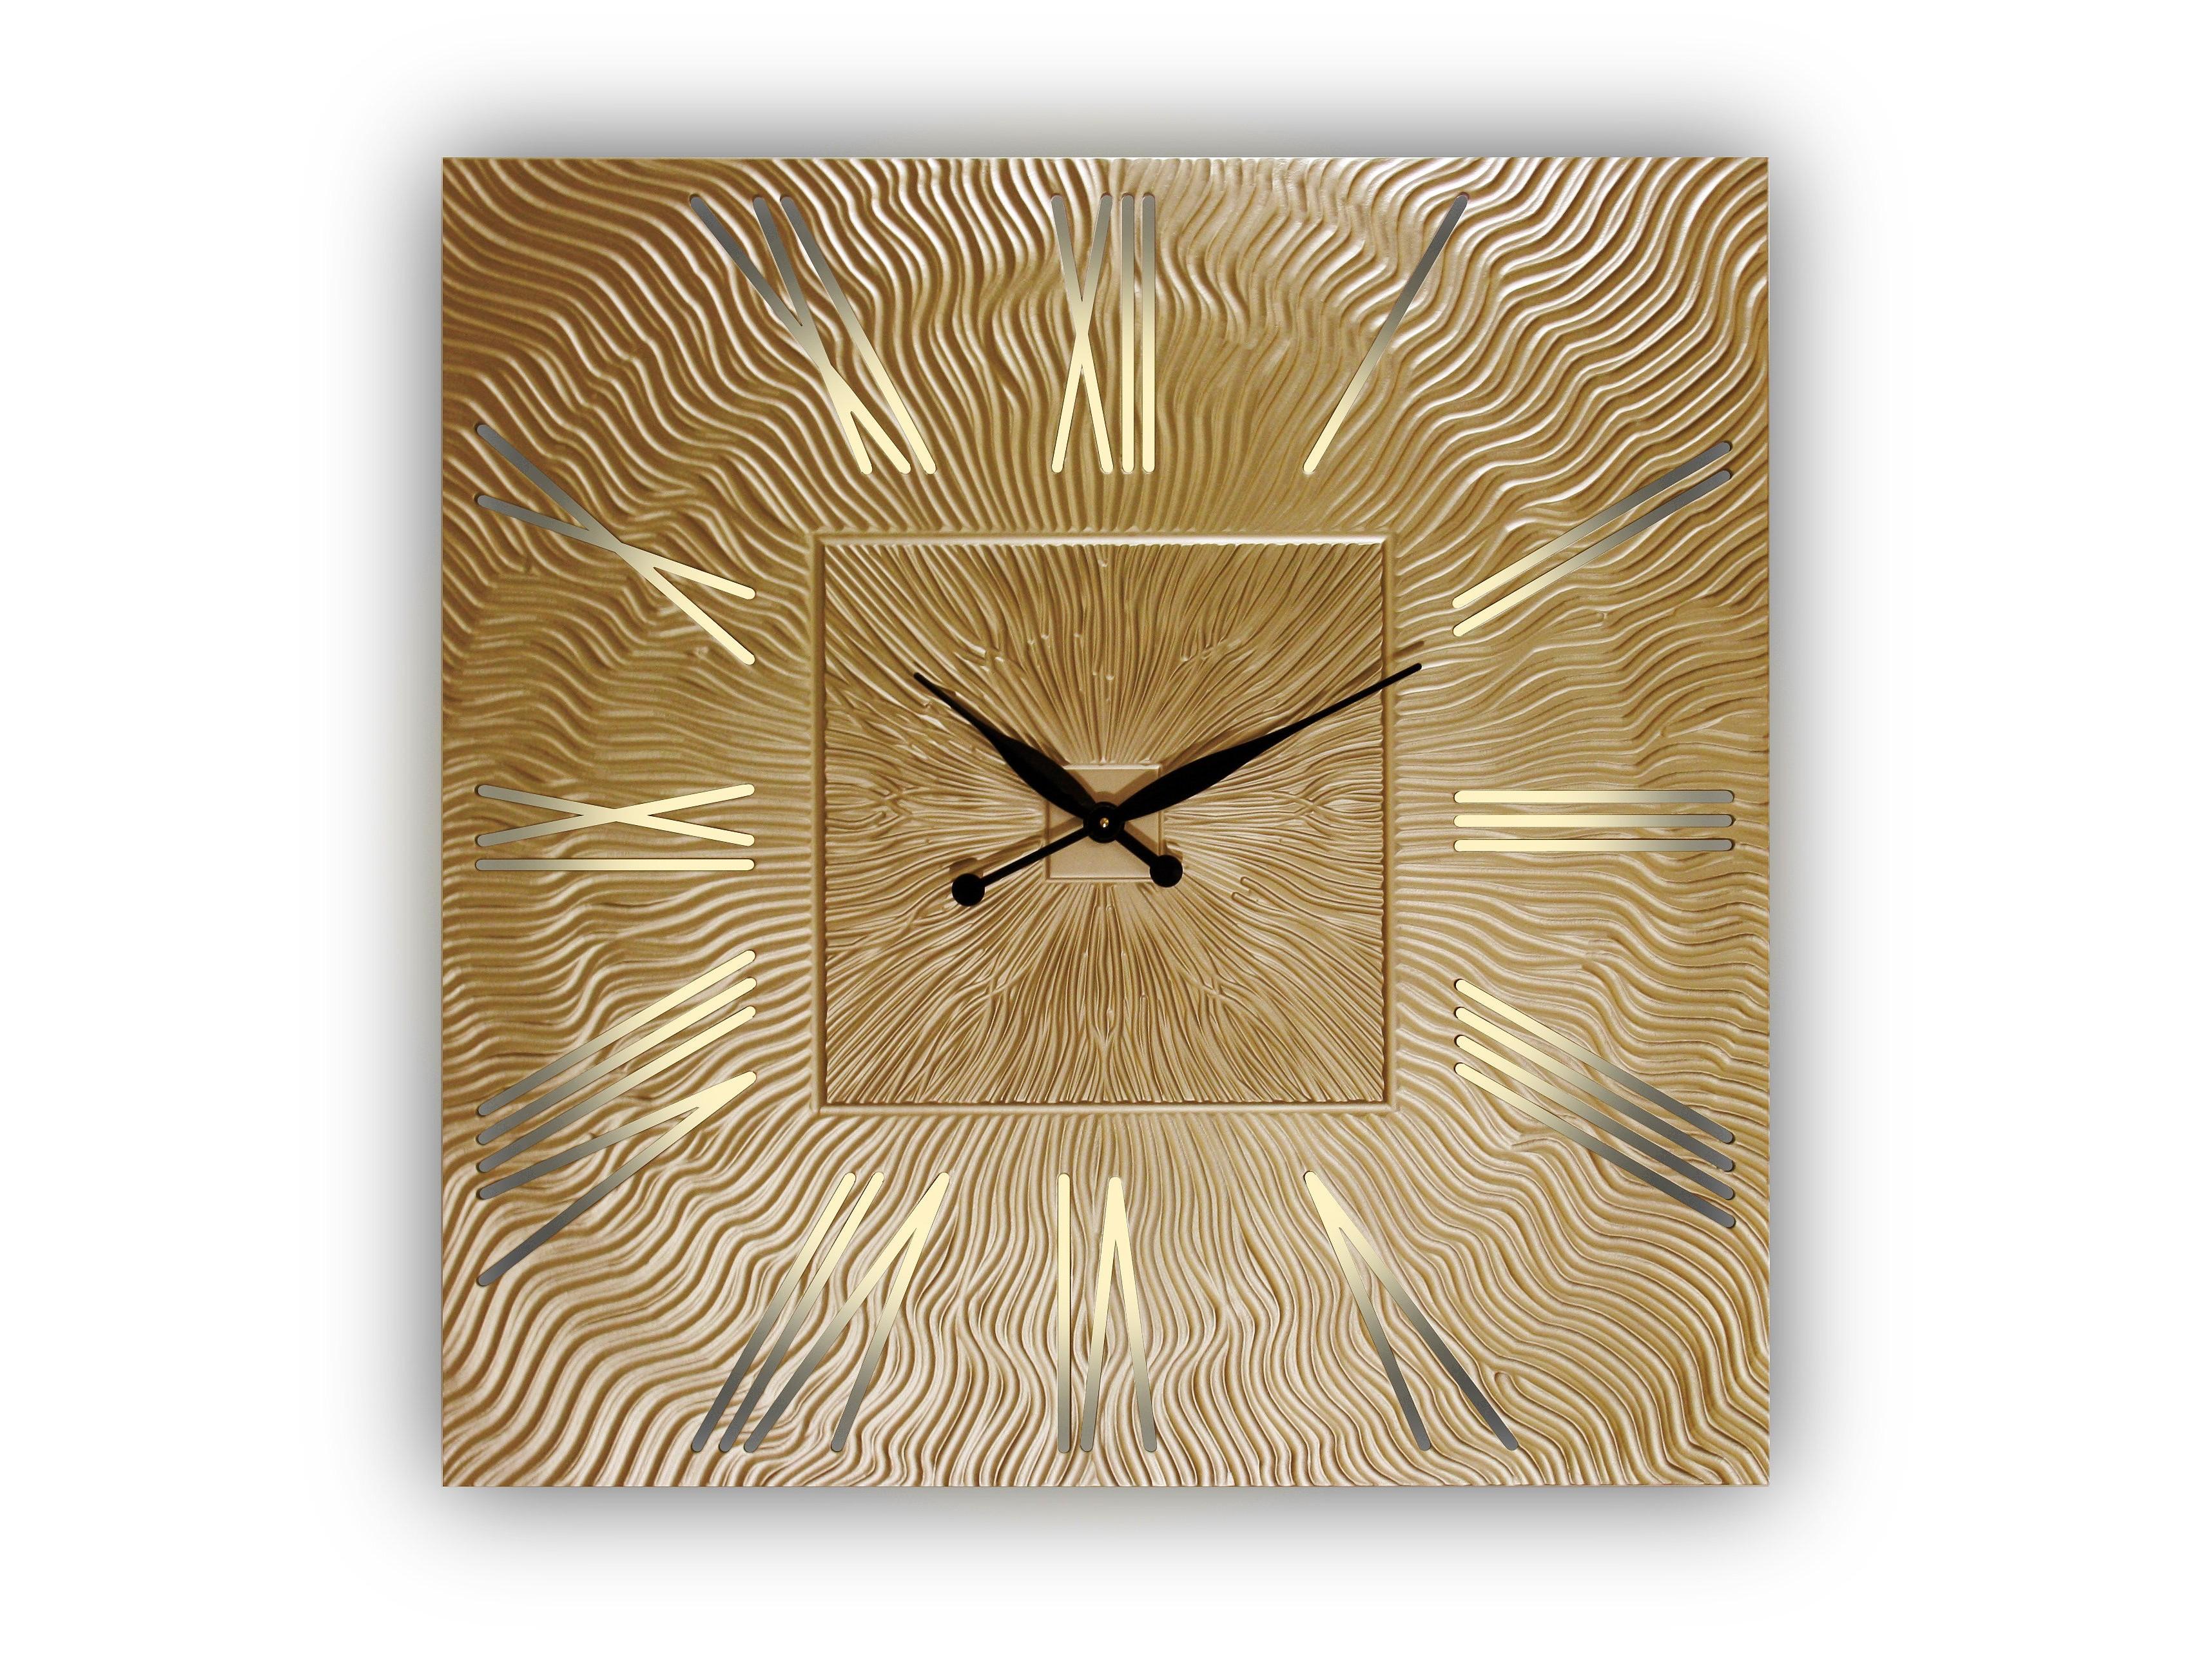 Часы настенные Twinkle QuНастенные часы<br>&amp;lt;div&amp;gt;Кварцевый механизм.&amp;lt;/div&amp;gt;Часы оснащены встроенной светодиодной подсветкой&amp;lt;div&amp;gt;&amp;lt;span style=&amp;quot;font-size: 14px;&amp;quot;&amp;gt;Возможны варианты с другими размерами без изменения цены: представлены часы с диаметрами 90, 80, 75 и 60 см.&amp;lt;/span&amp;gt;&amp;lt;br&amp;gt;&amp;lt;/div&amp;gt;<br><br>Material: Дерево<br>Height см: 0.8<br>Diameter см: 90